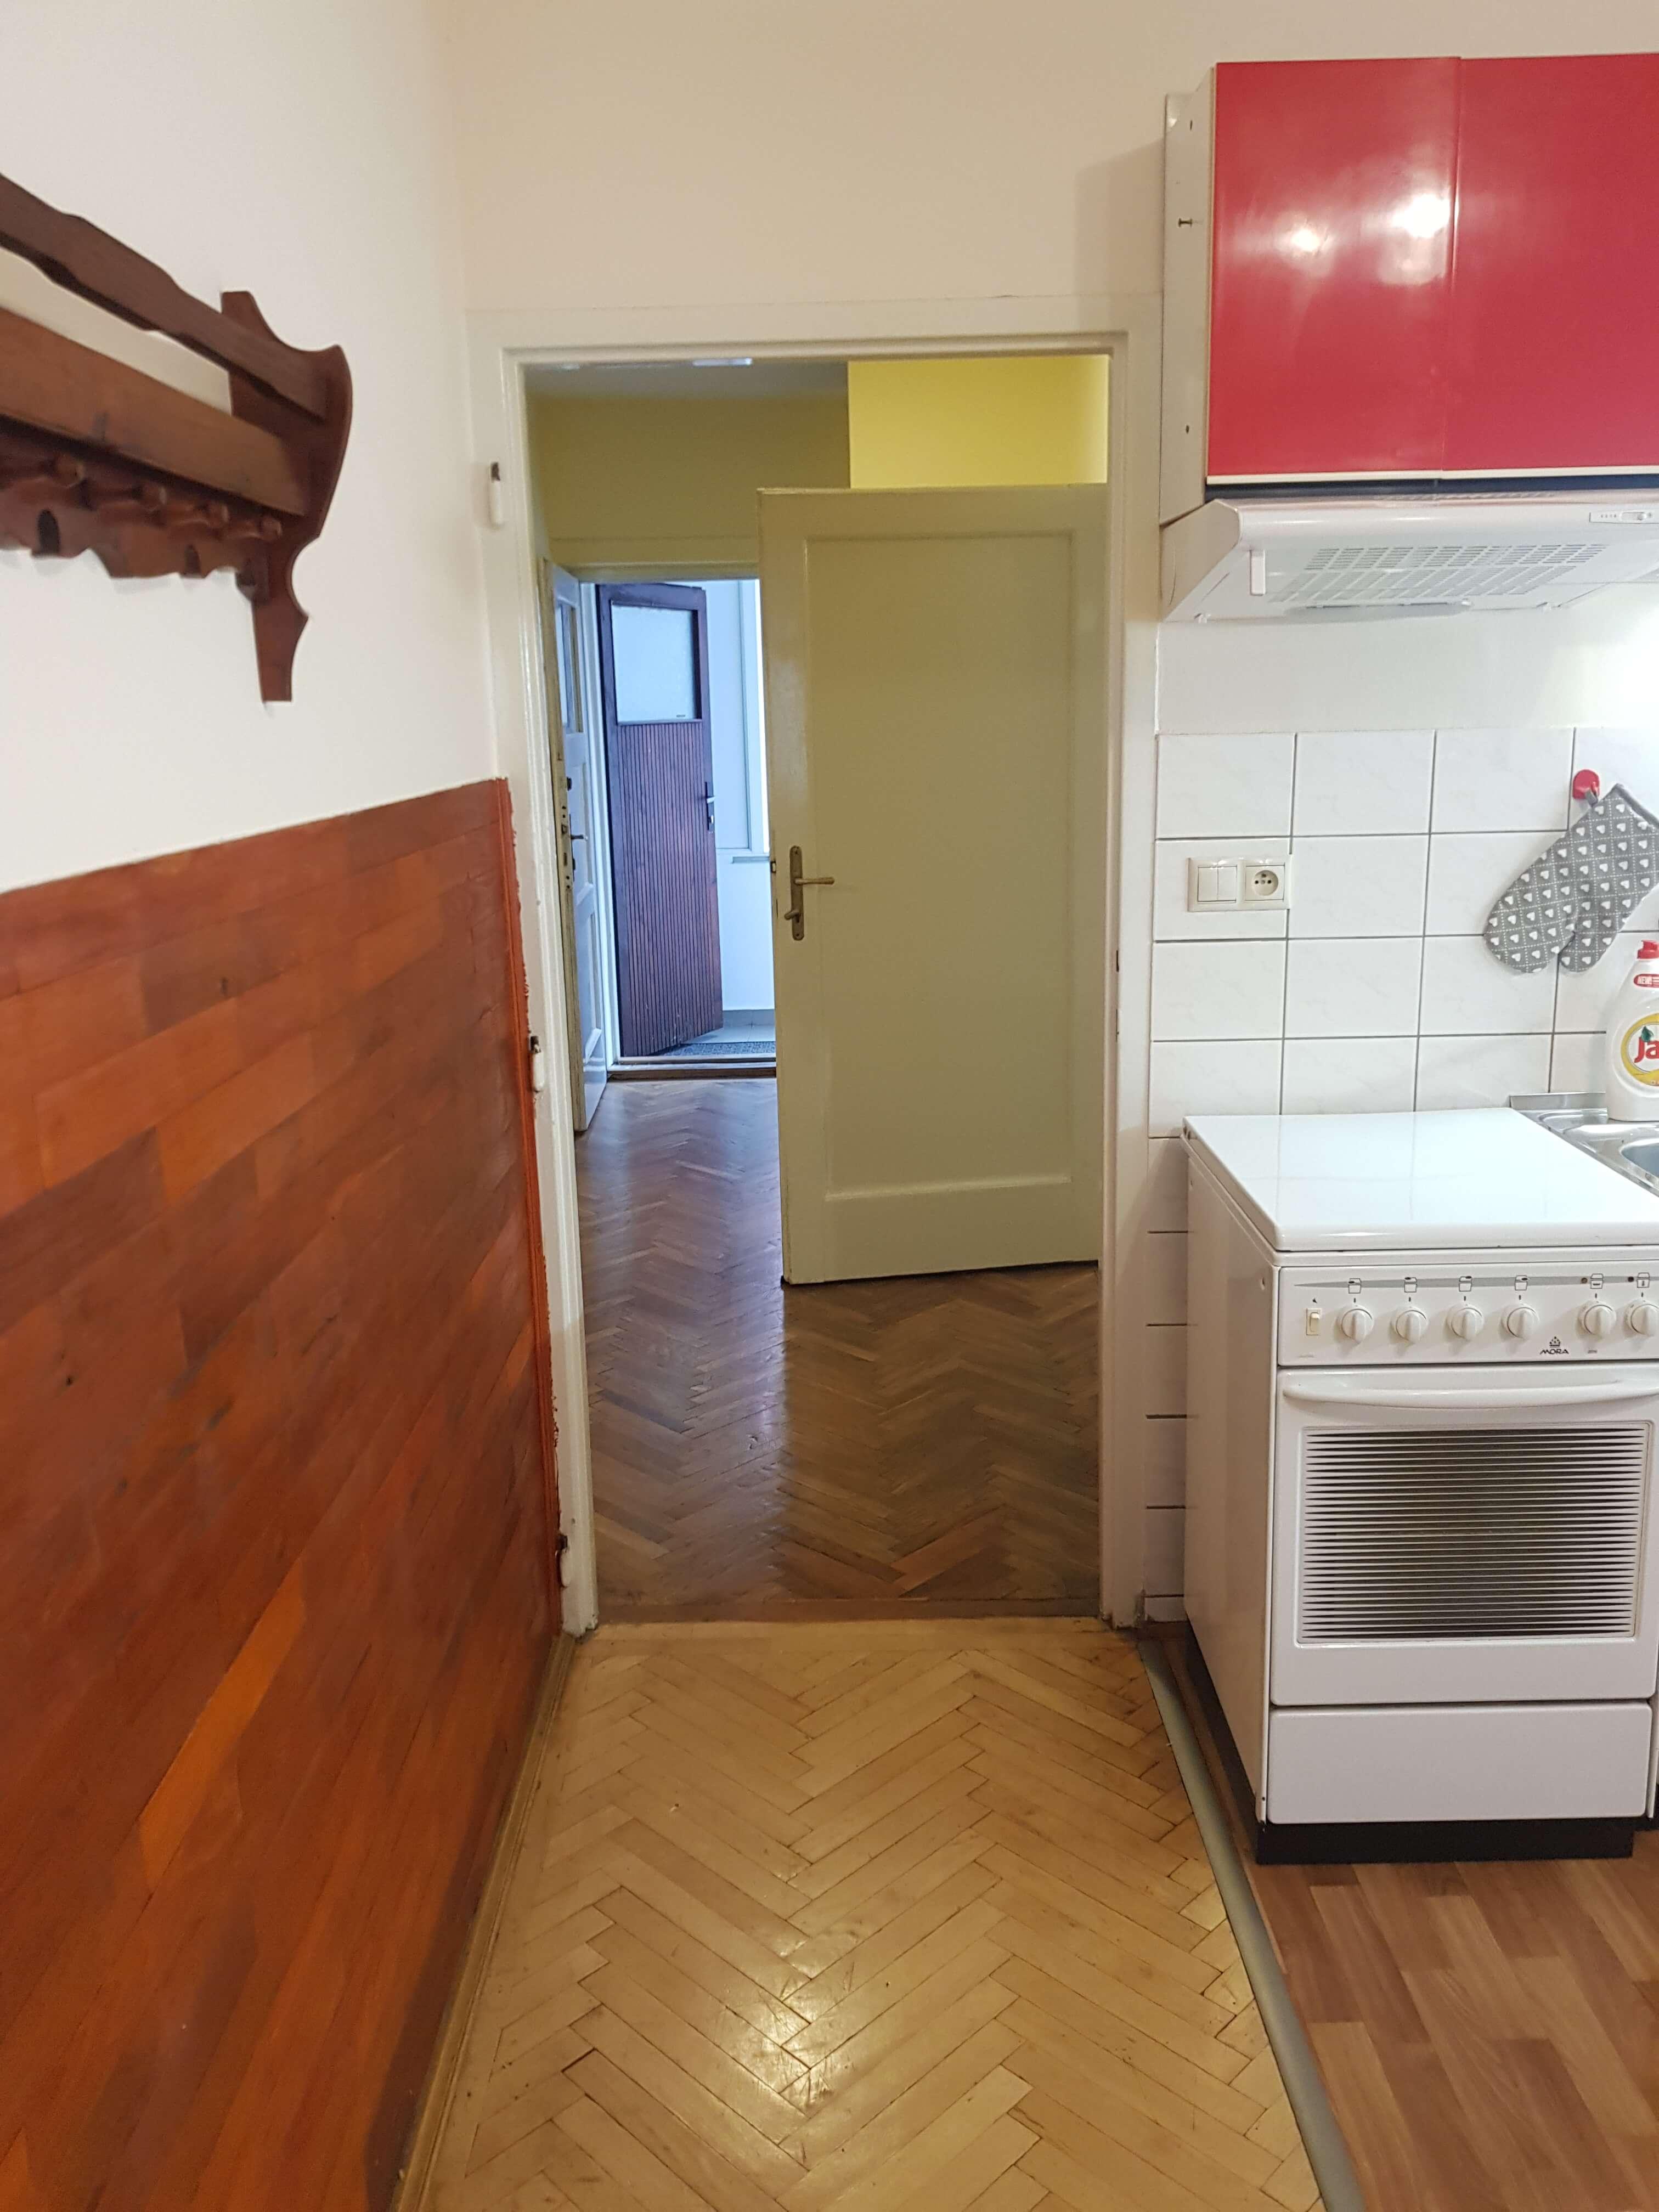 Prenájom jednej izby v 2 izb. byte, staré mesto, Šancová ulica, Bratislava, 80m2, zariadený-36